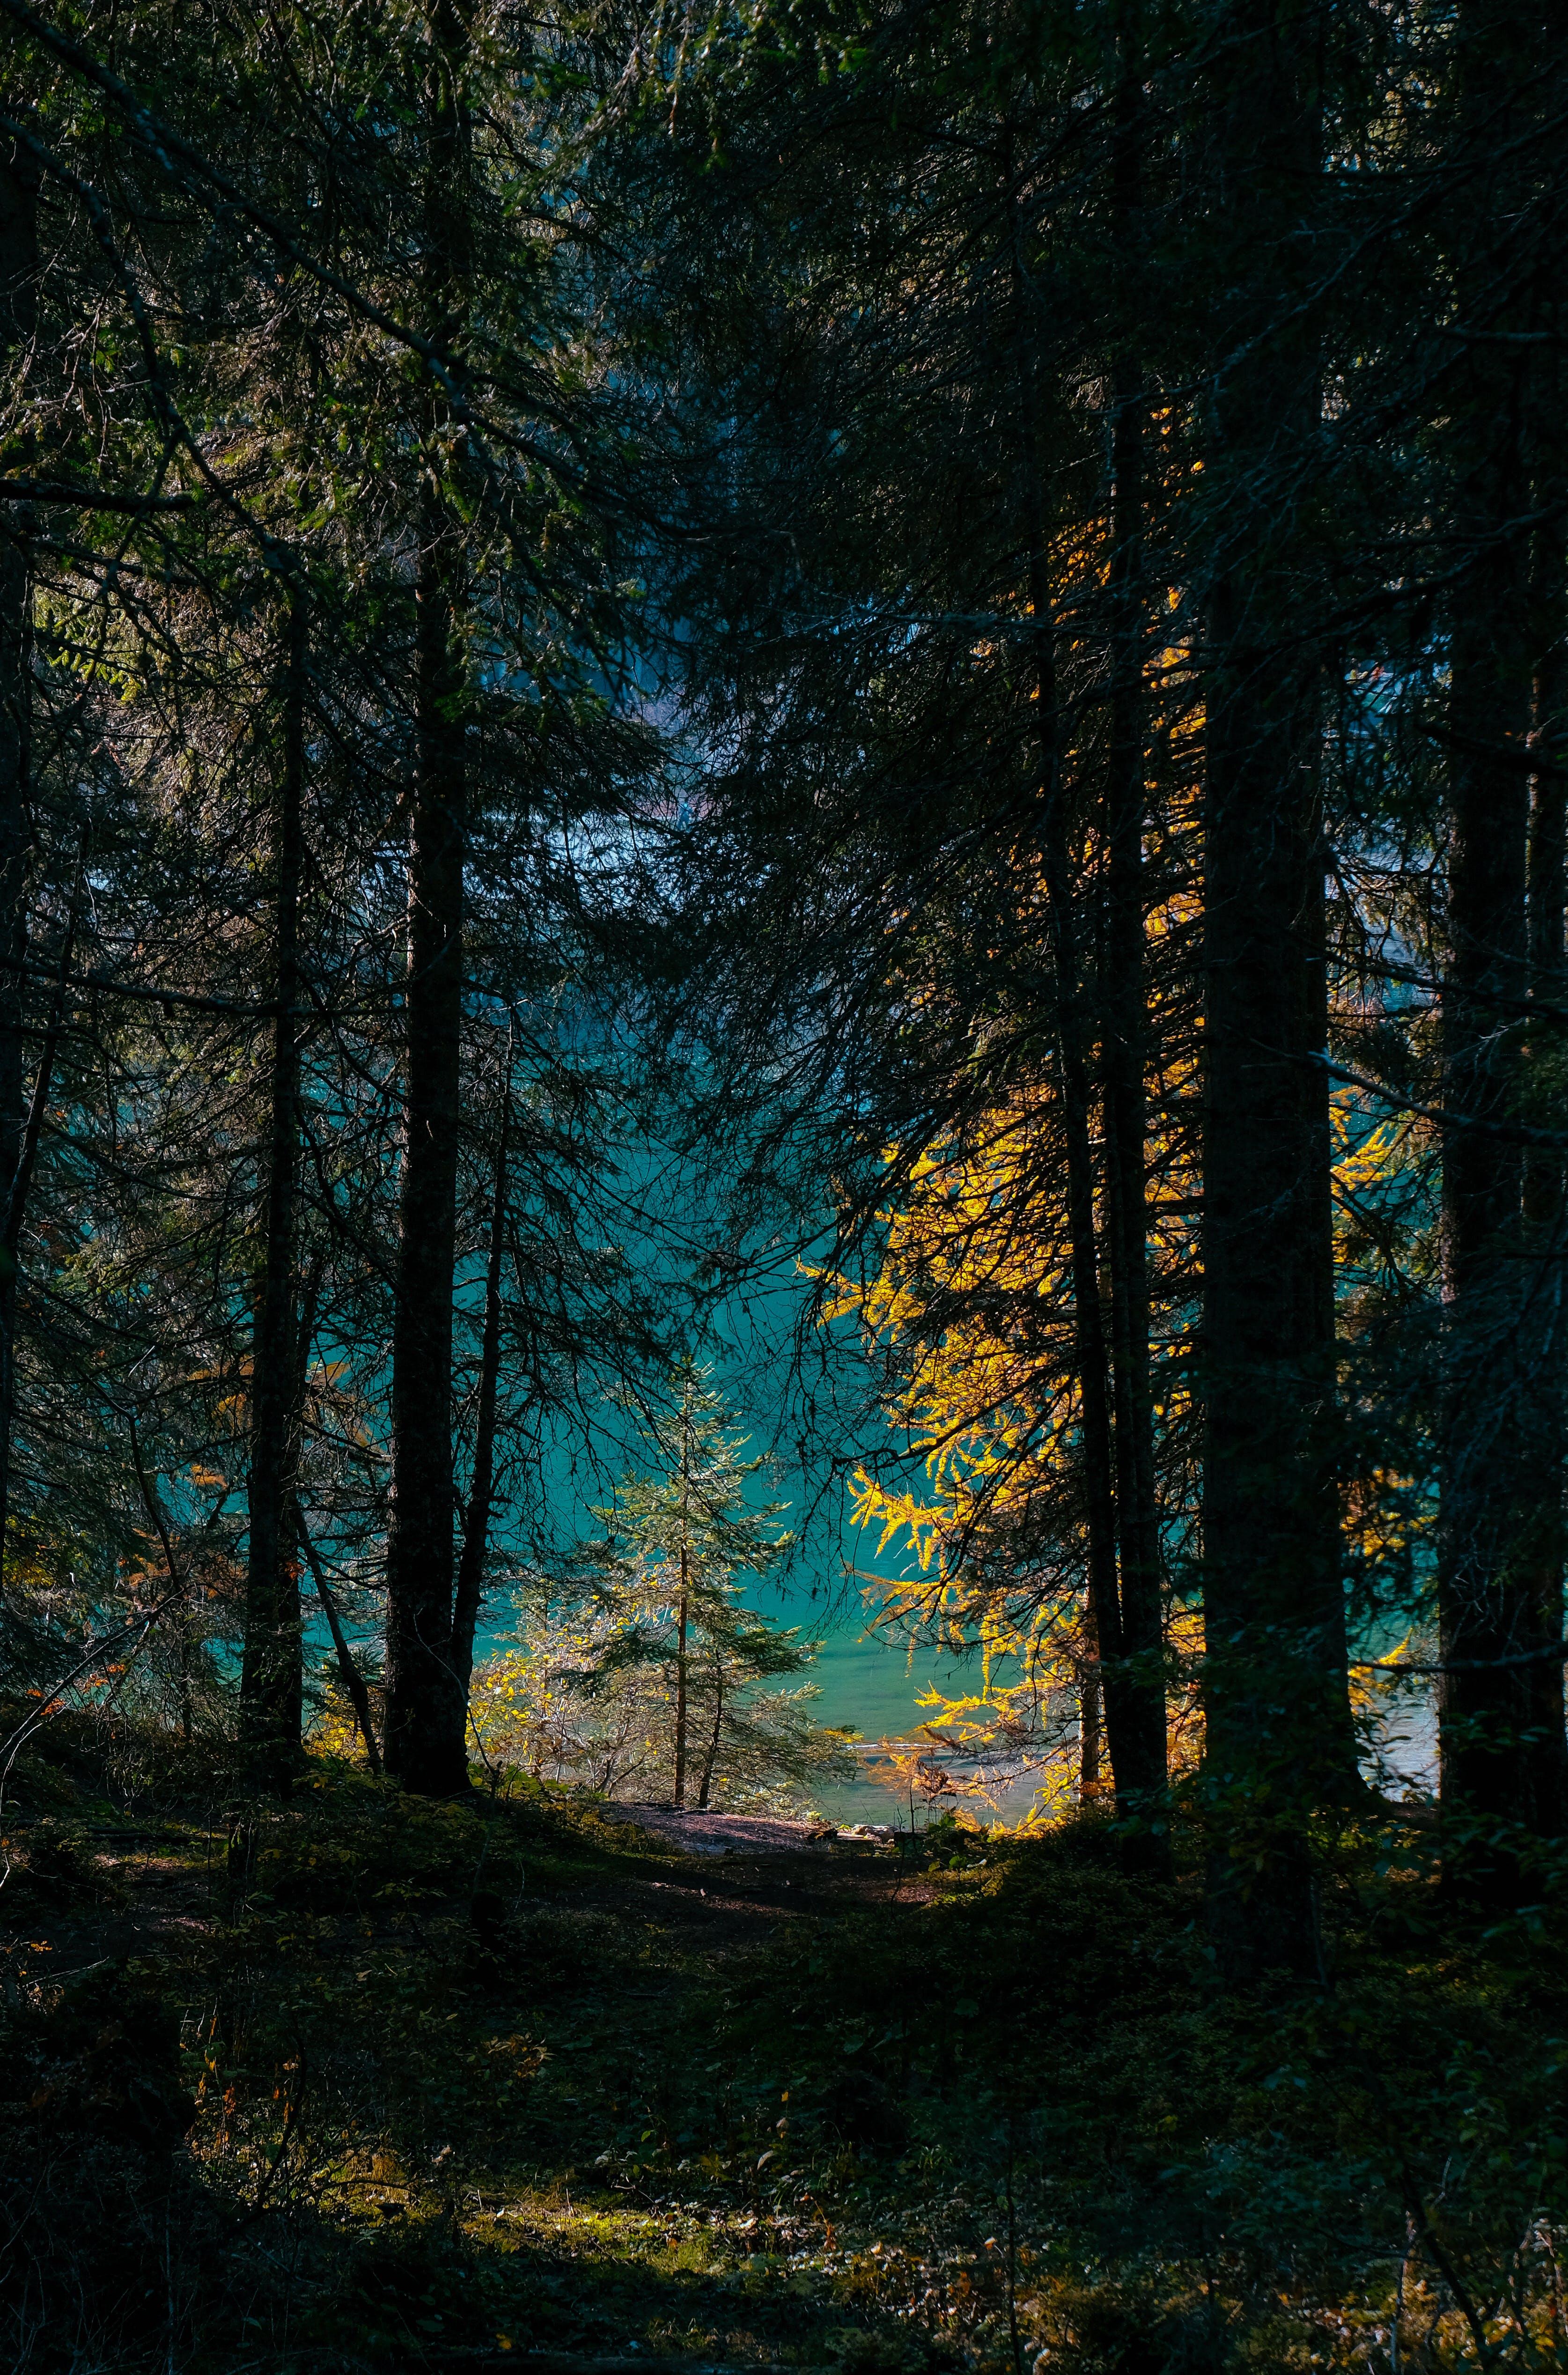 Gratis stockfoto met Bos, bossen, coniferen, dageraad